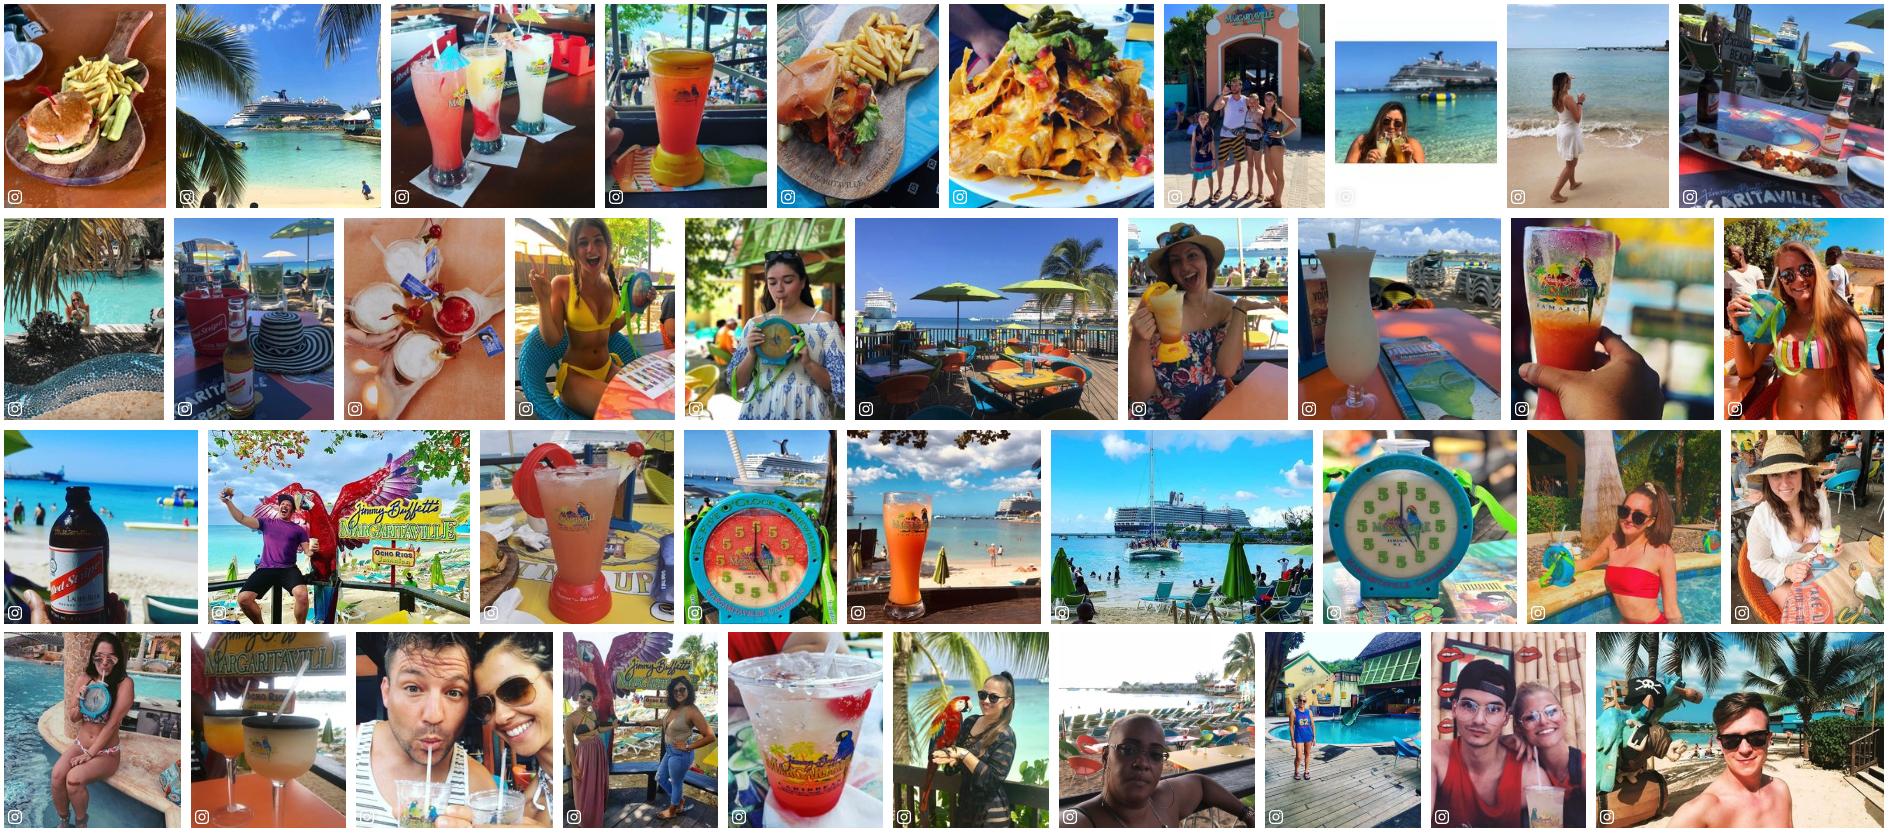 Margaritaville Caribbean Ocho Rios image gallery